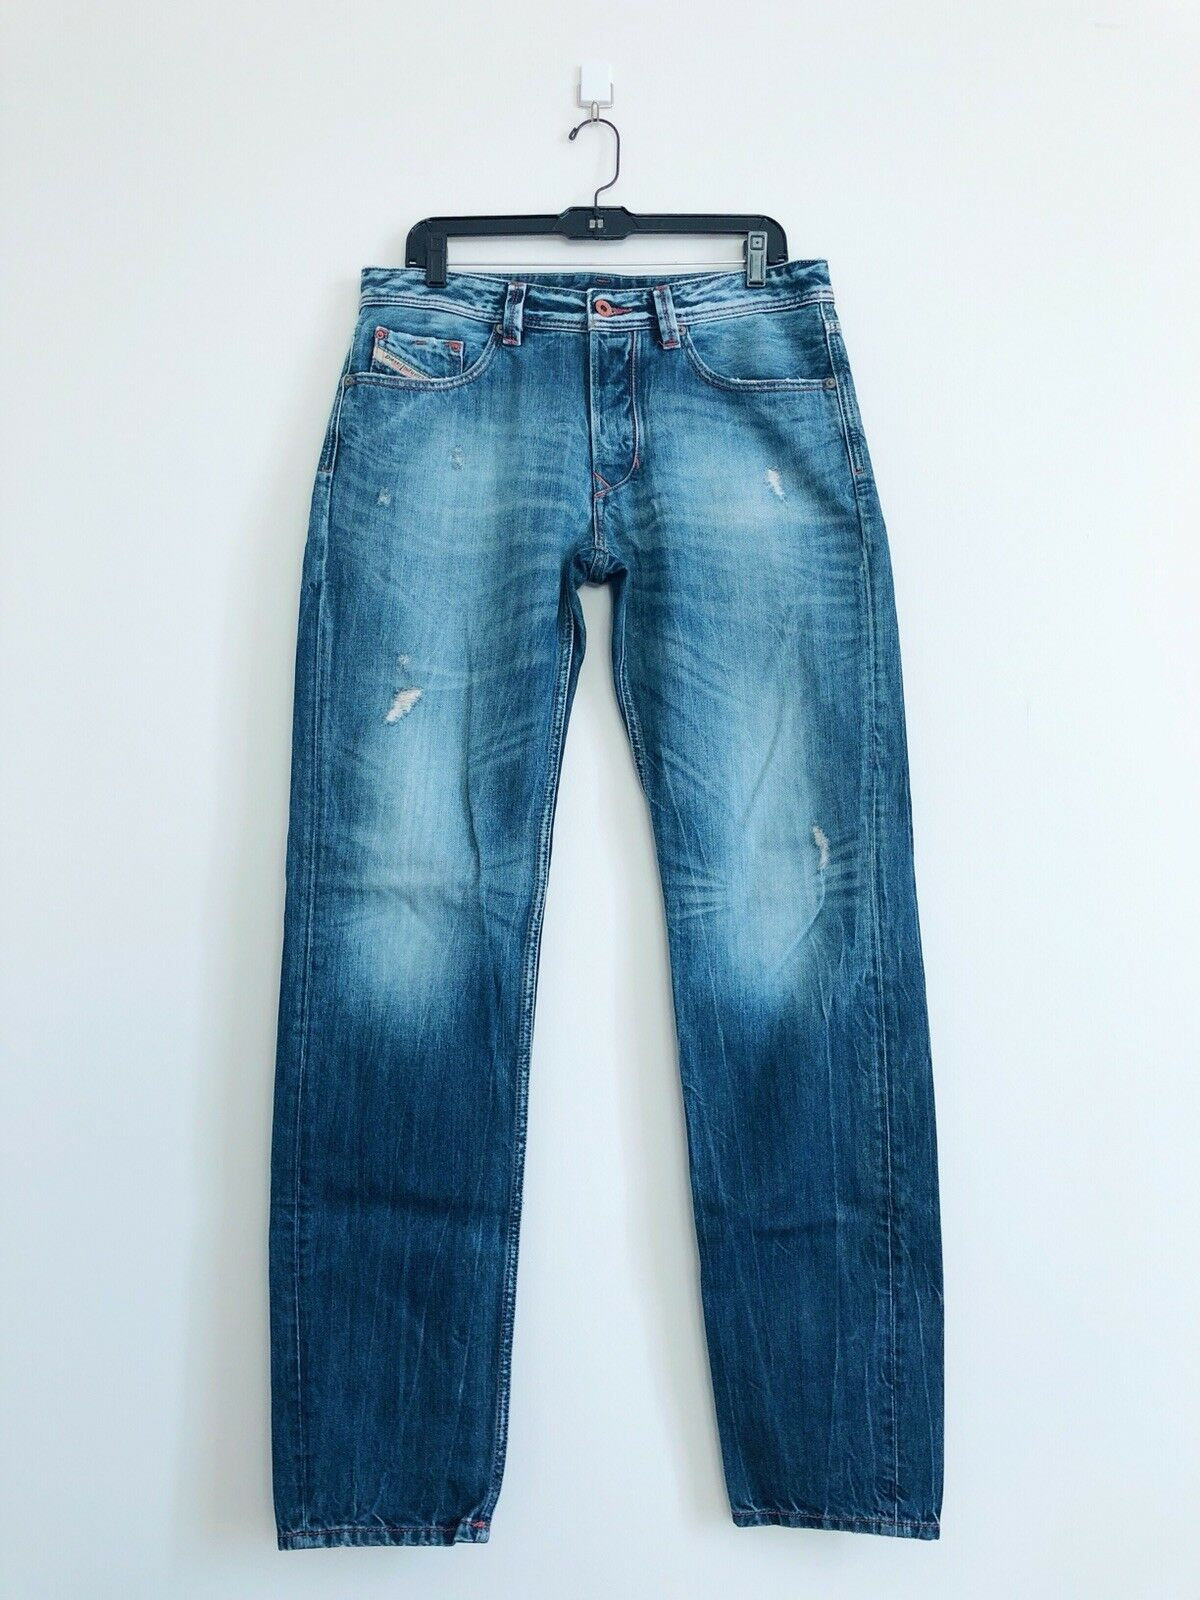 Diesel Men's Larkee-T Jeans, bluee, 32 x 34